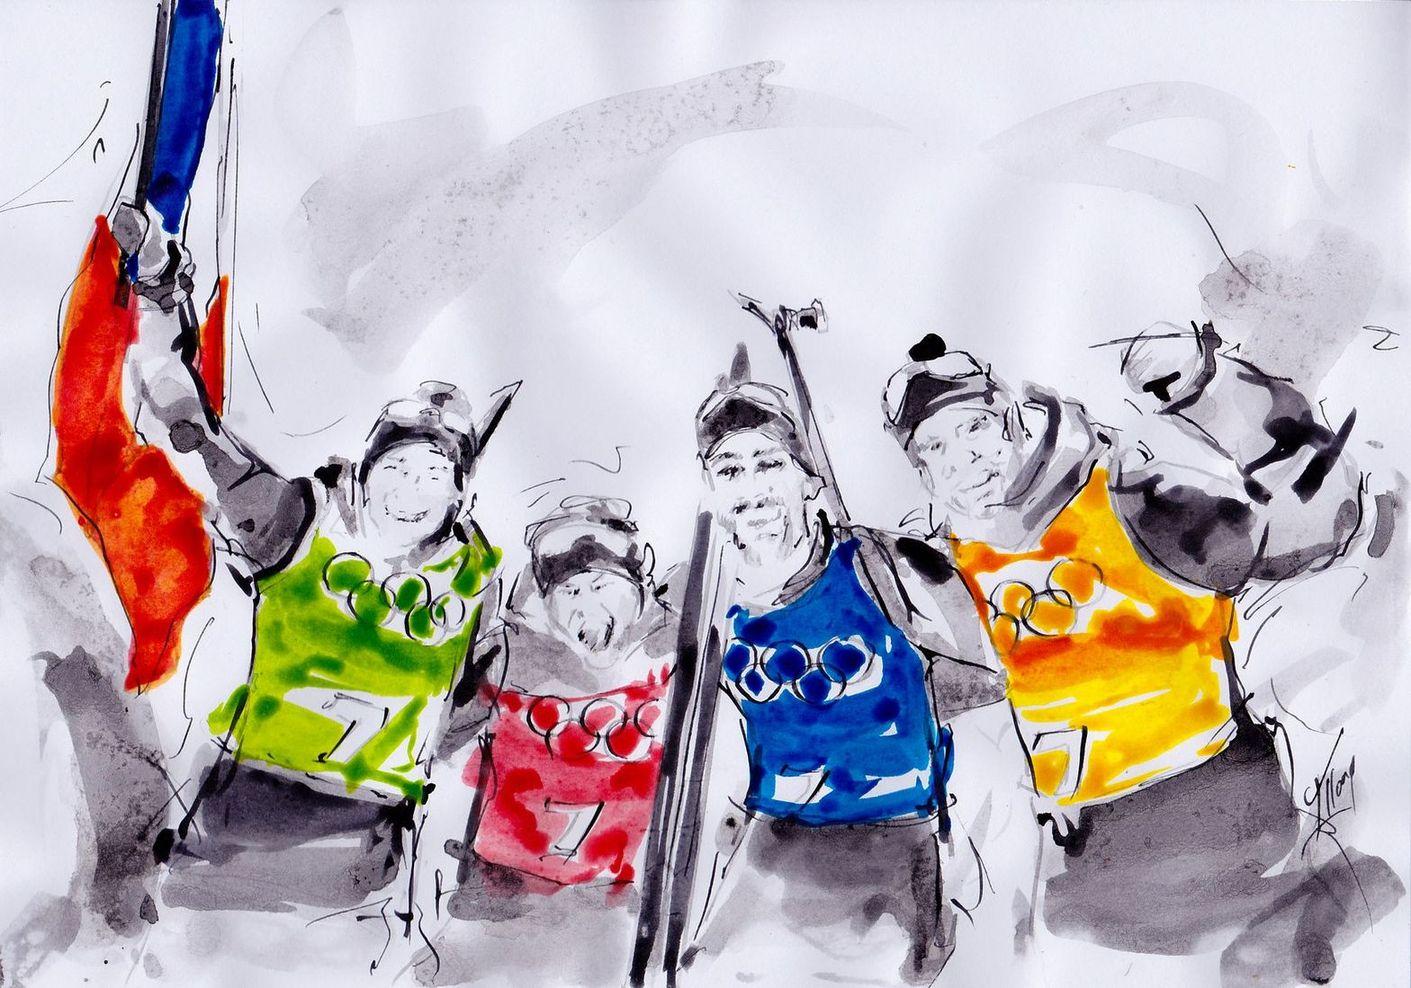 art peinture sport de glisse biathlon Jeux olympiques d'hiver Médaille d'or Pyeongchang JO 2018 :La victoire de Martin Fourcade, Marie Dorin, Anaïs Bescond et Simon Desthieux en biathlon (relais mixte)